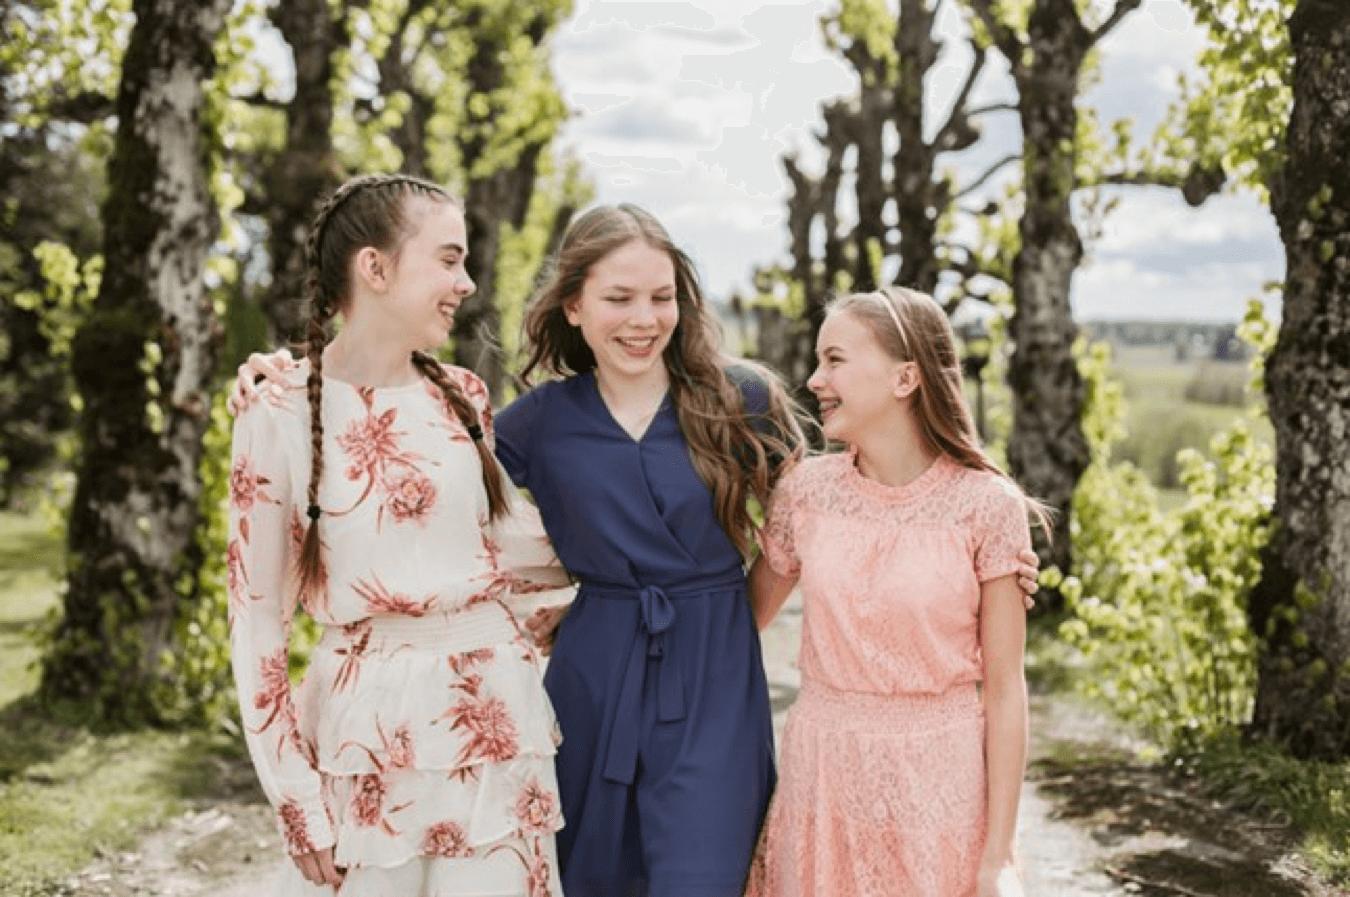 Bibelundervisning for de unge